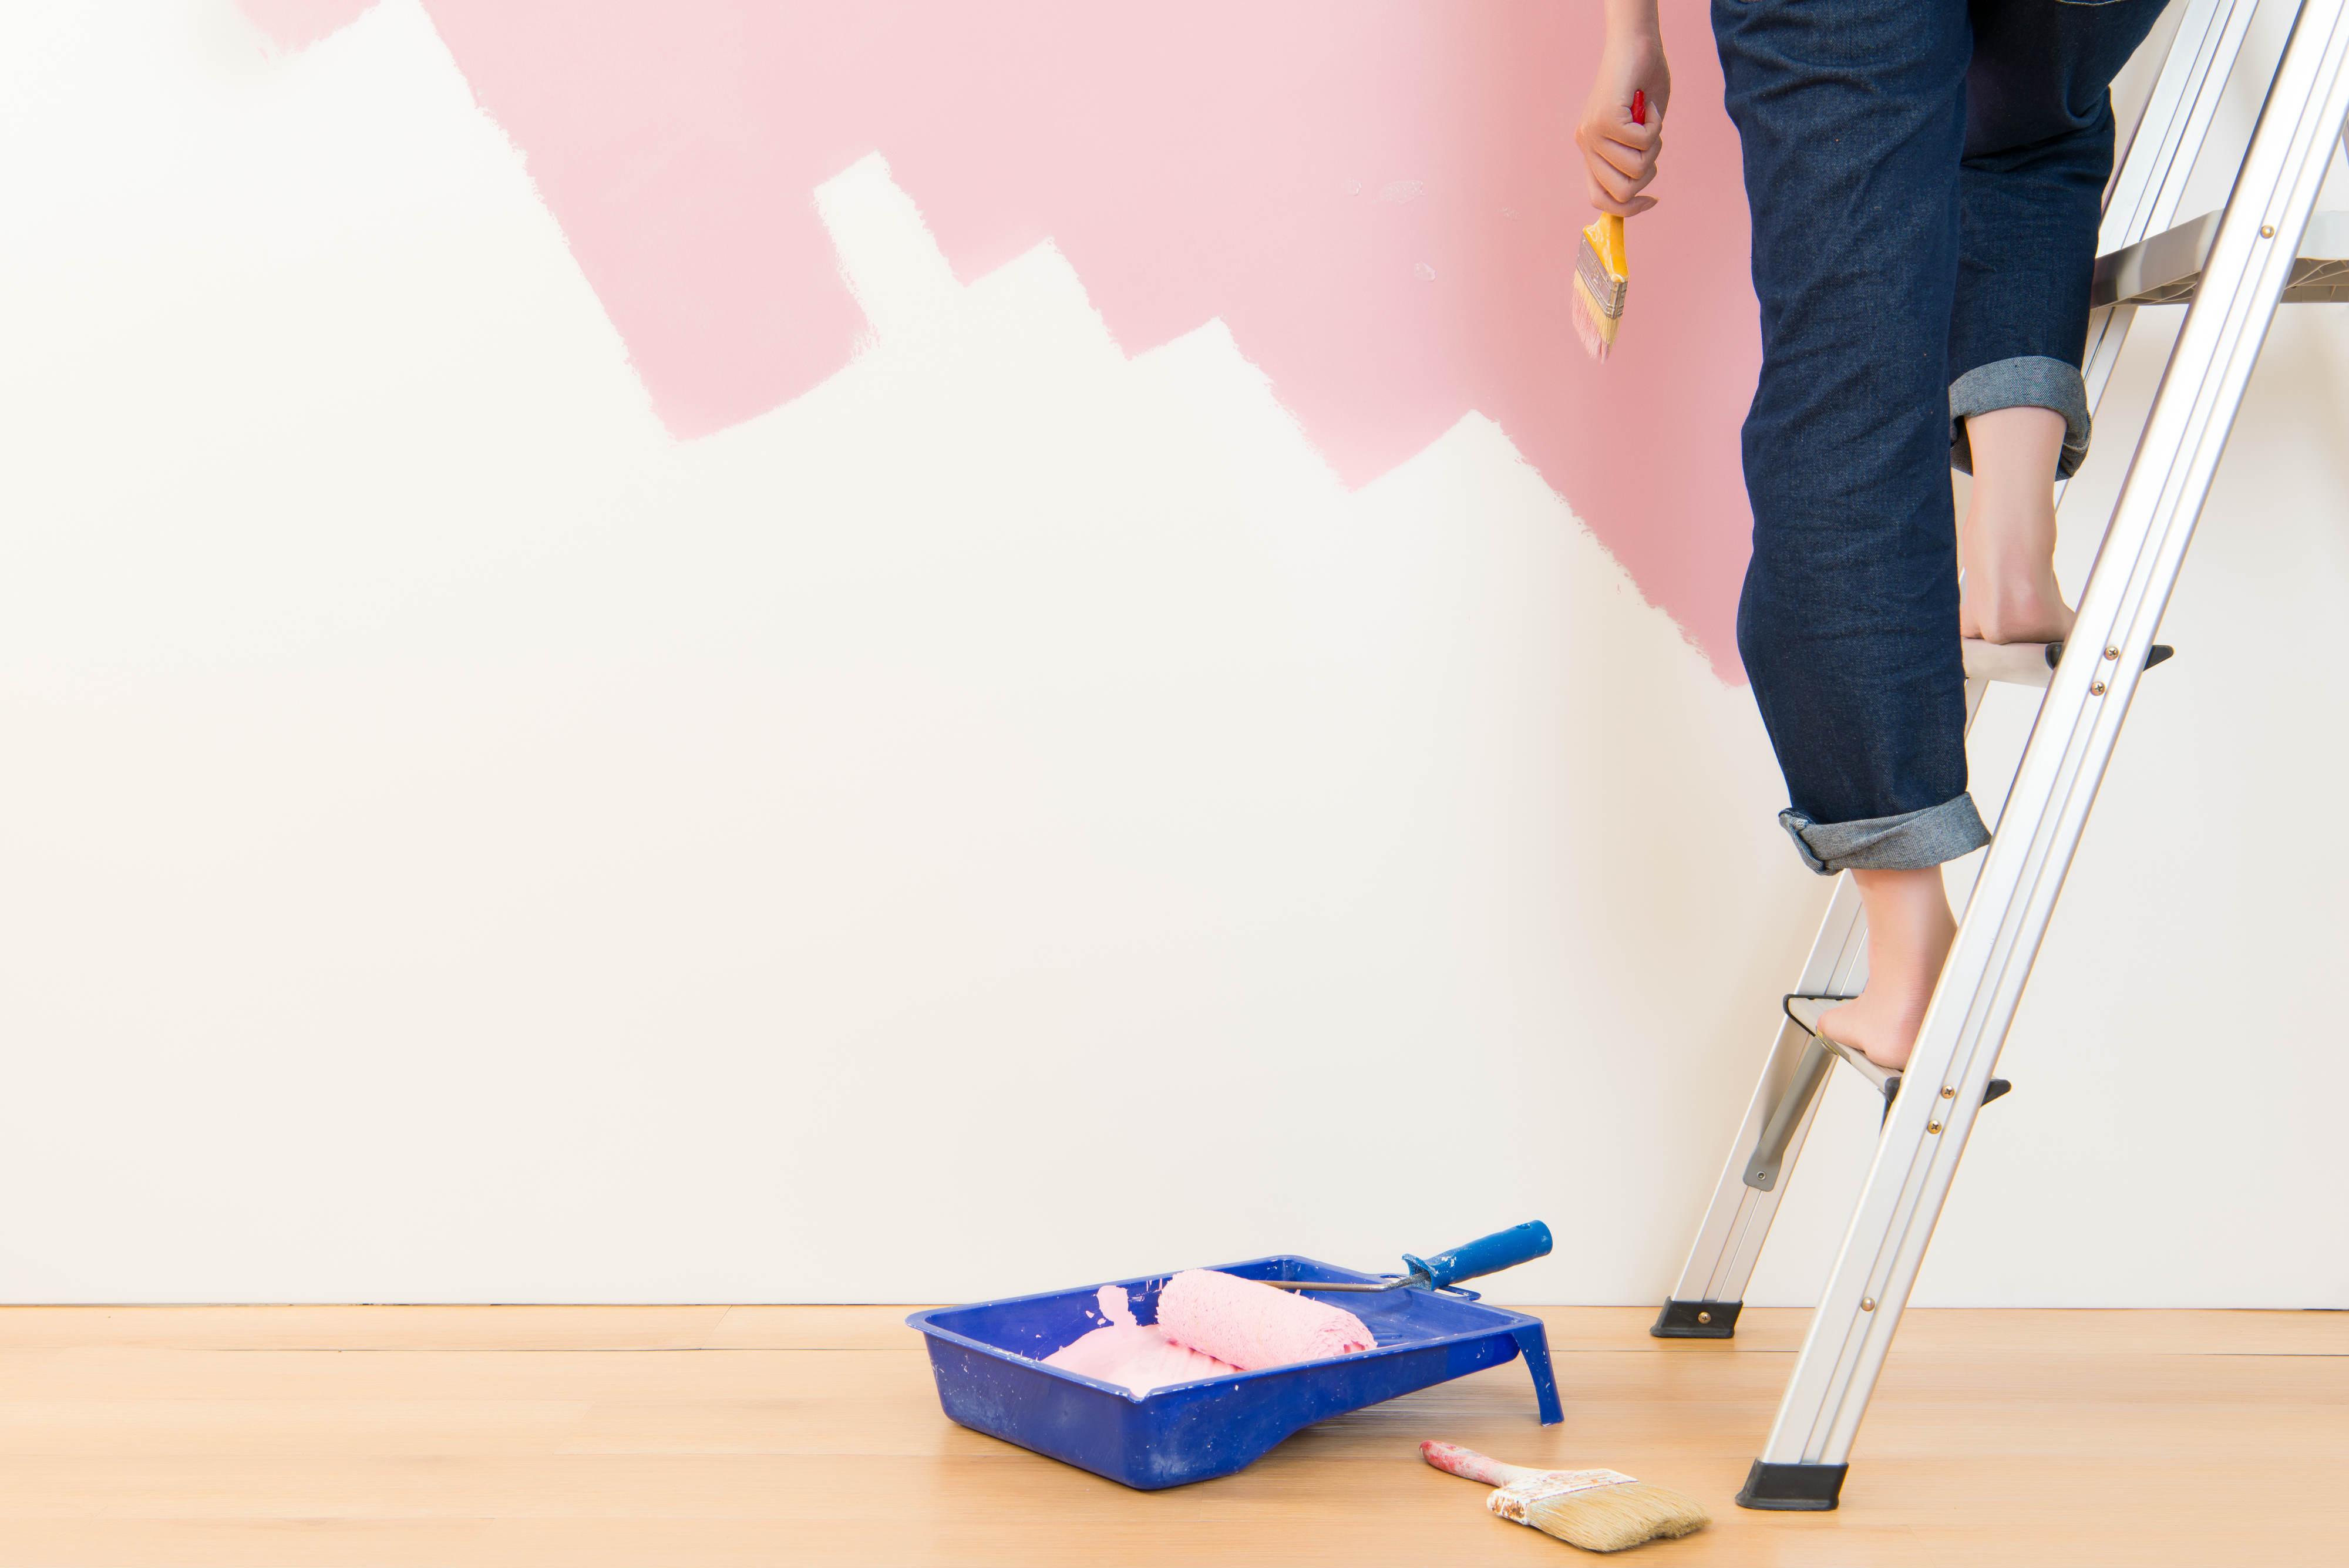 Como pintar paredes guia simples e pr tico para evitar os erros comuns e ter um bom resultado Programa para pintar paredes